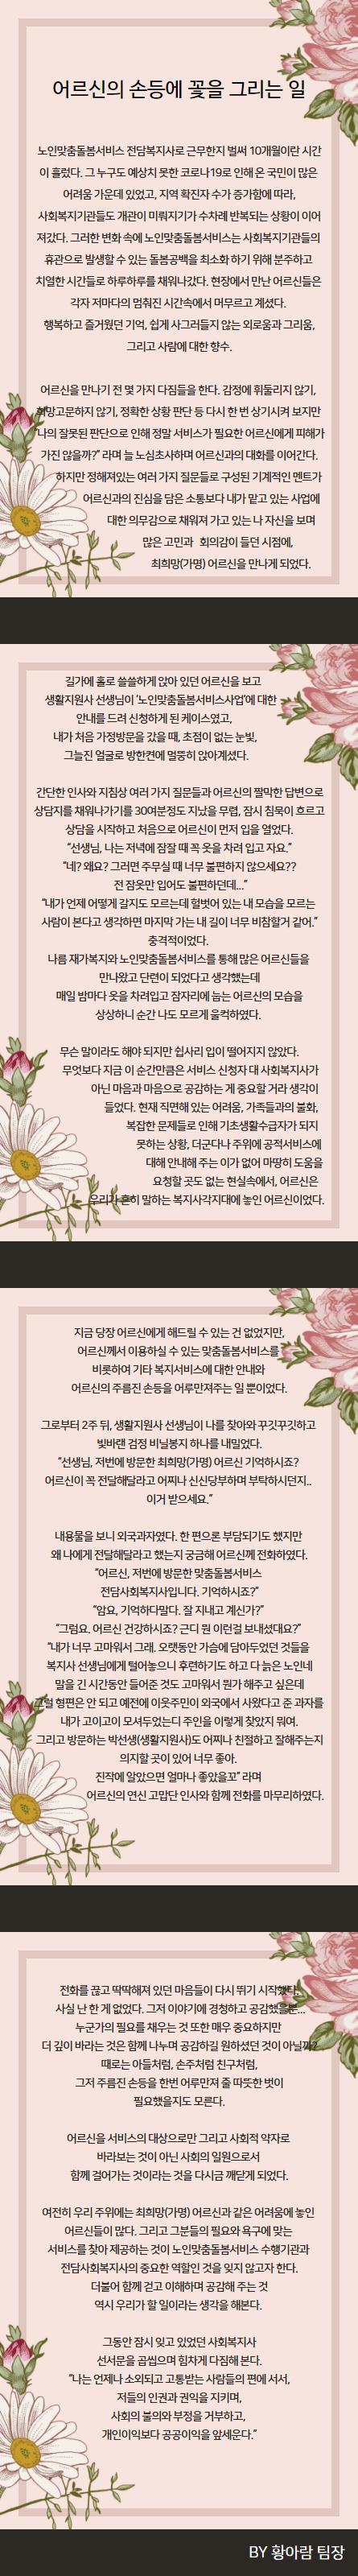 어르신의 손튿에 꽃을 그리는 일.jpg